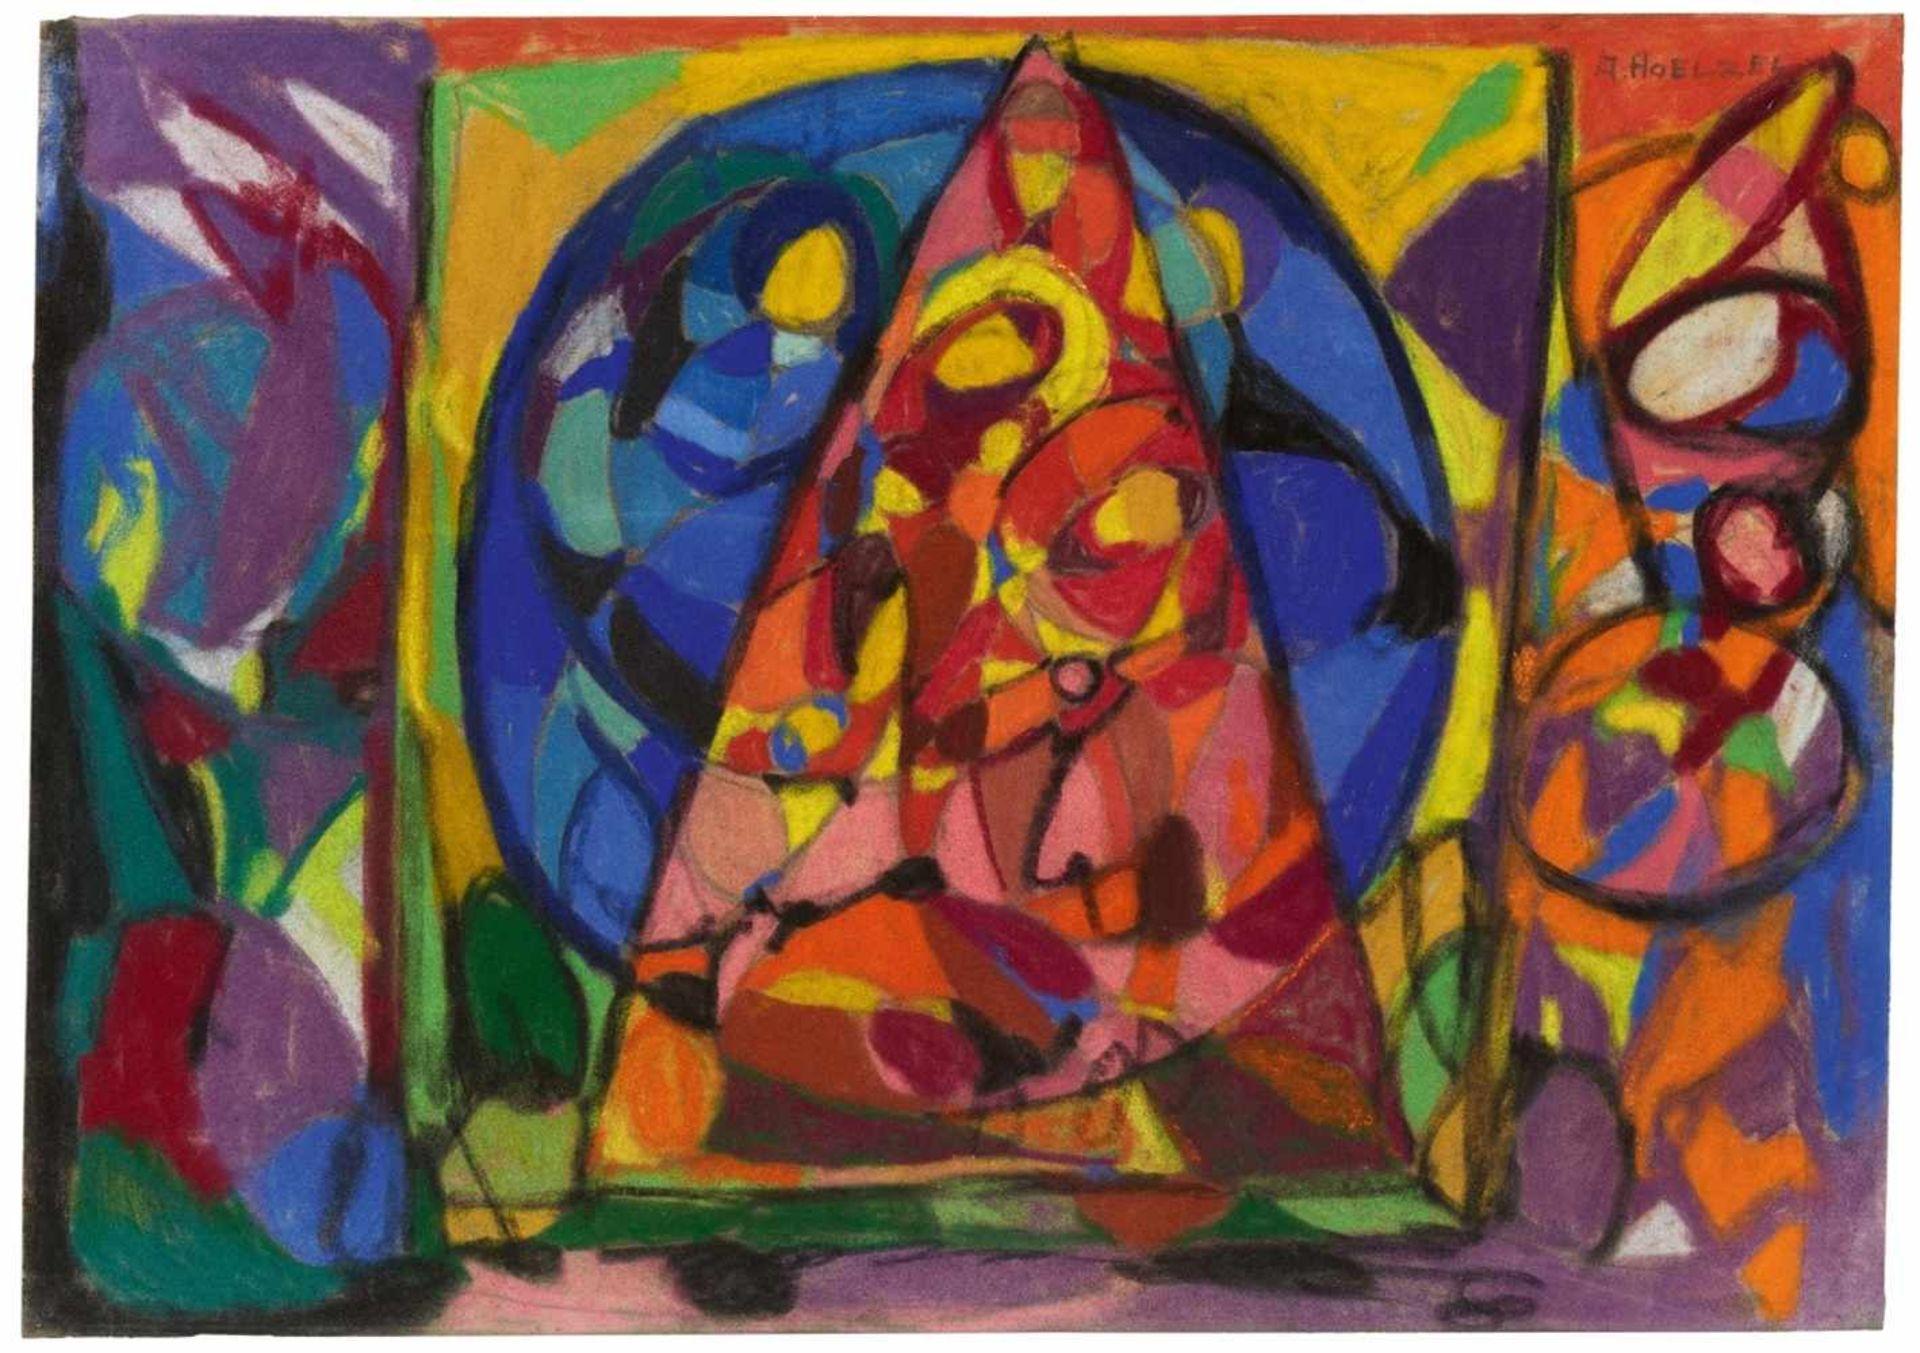 Adolf HölzelKomposition (Glasfensterentwurf) Dreieck und Kreis